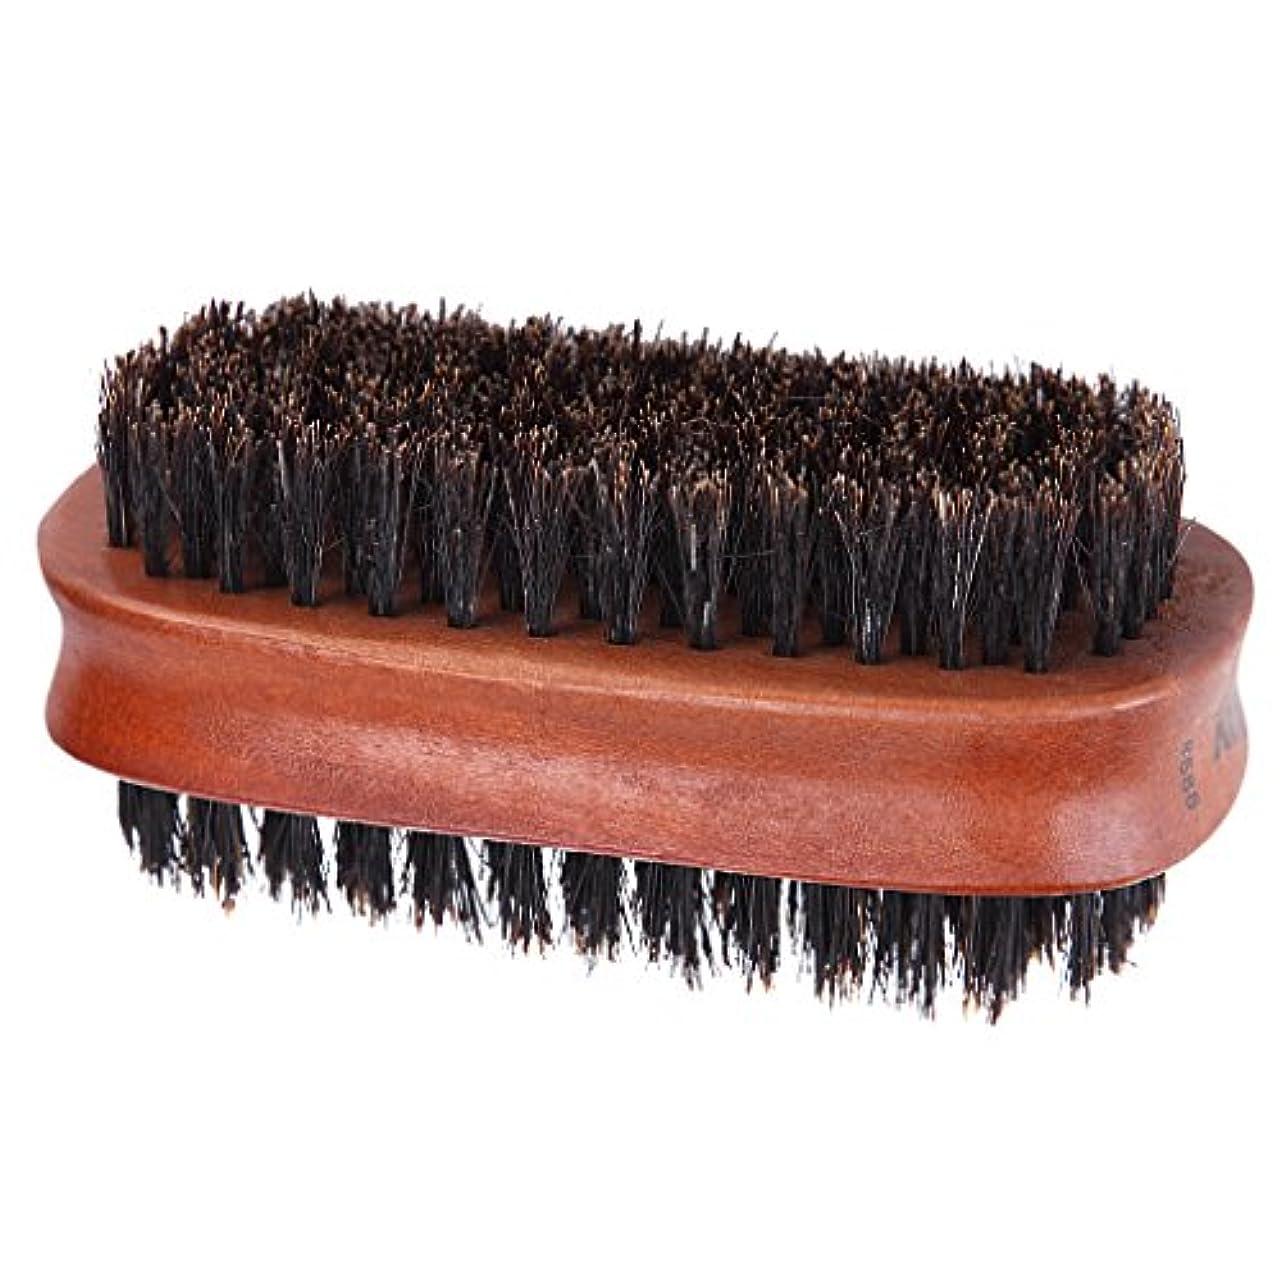 拡大するエーカー耳ヘアブラシ 両面ブラシ 理髪店 美容院 ソフトブラシ ヘアカッター ダスターブラシ